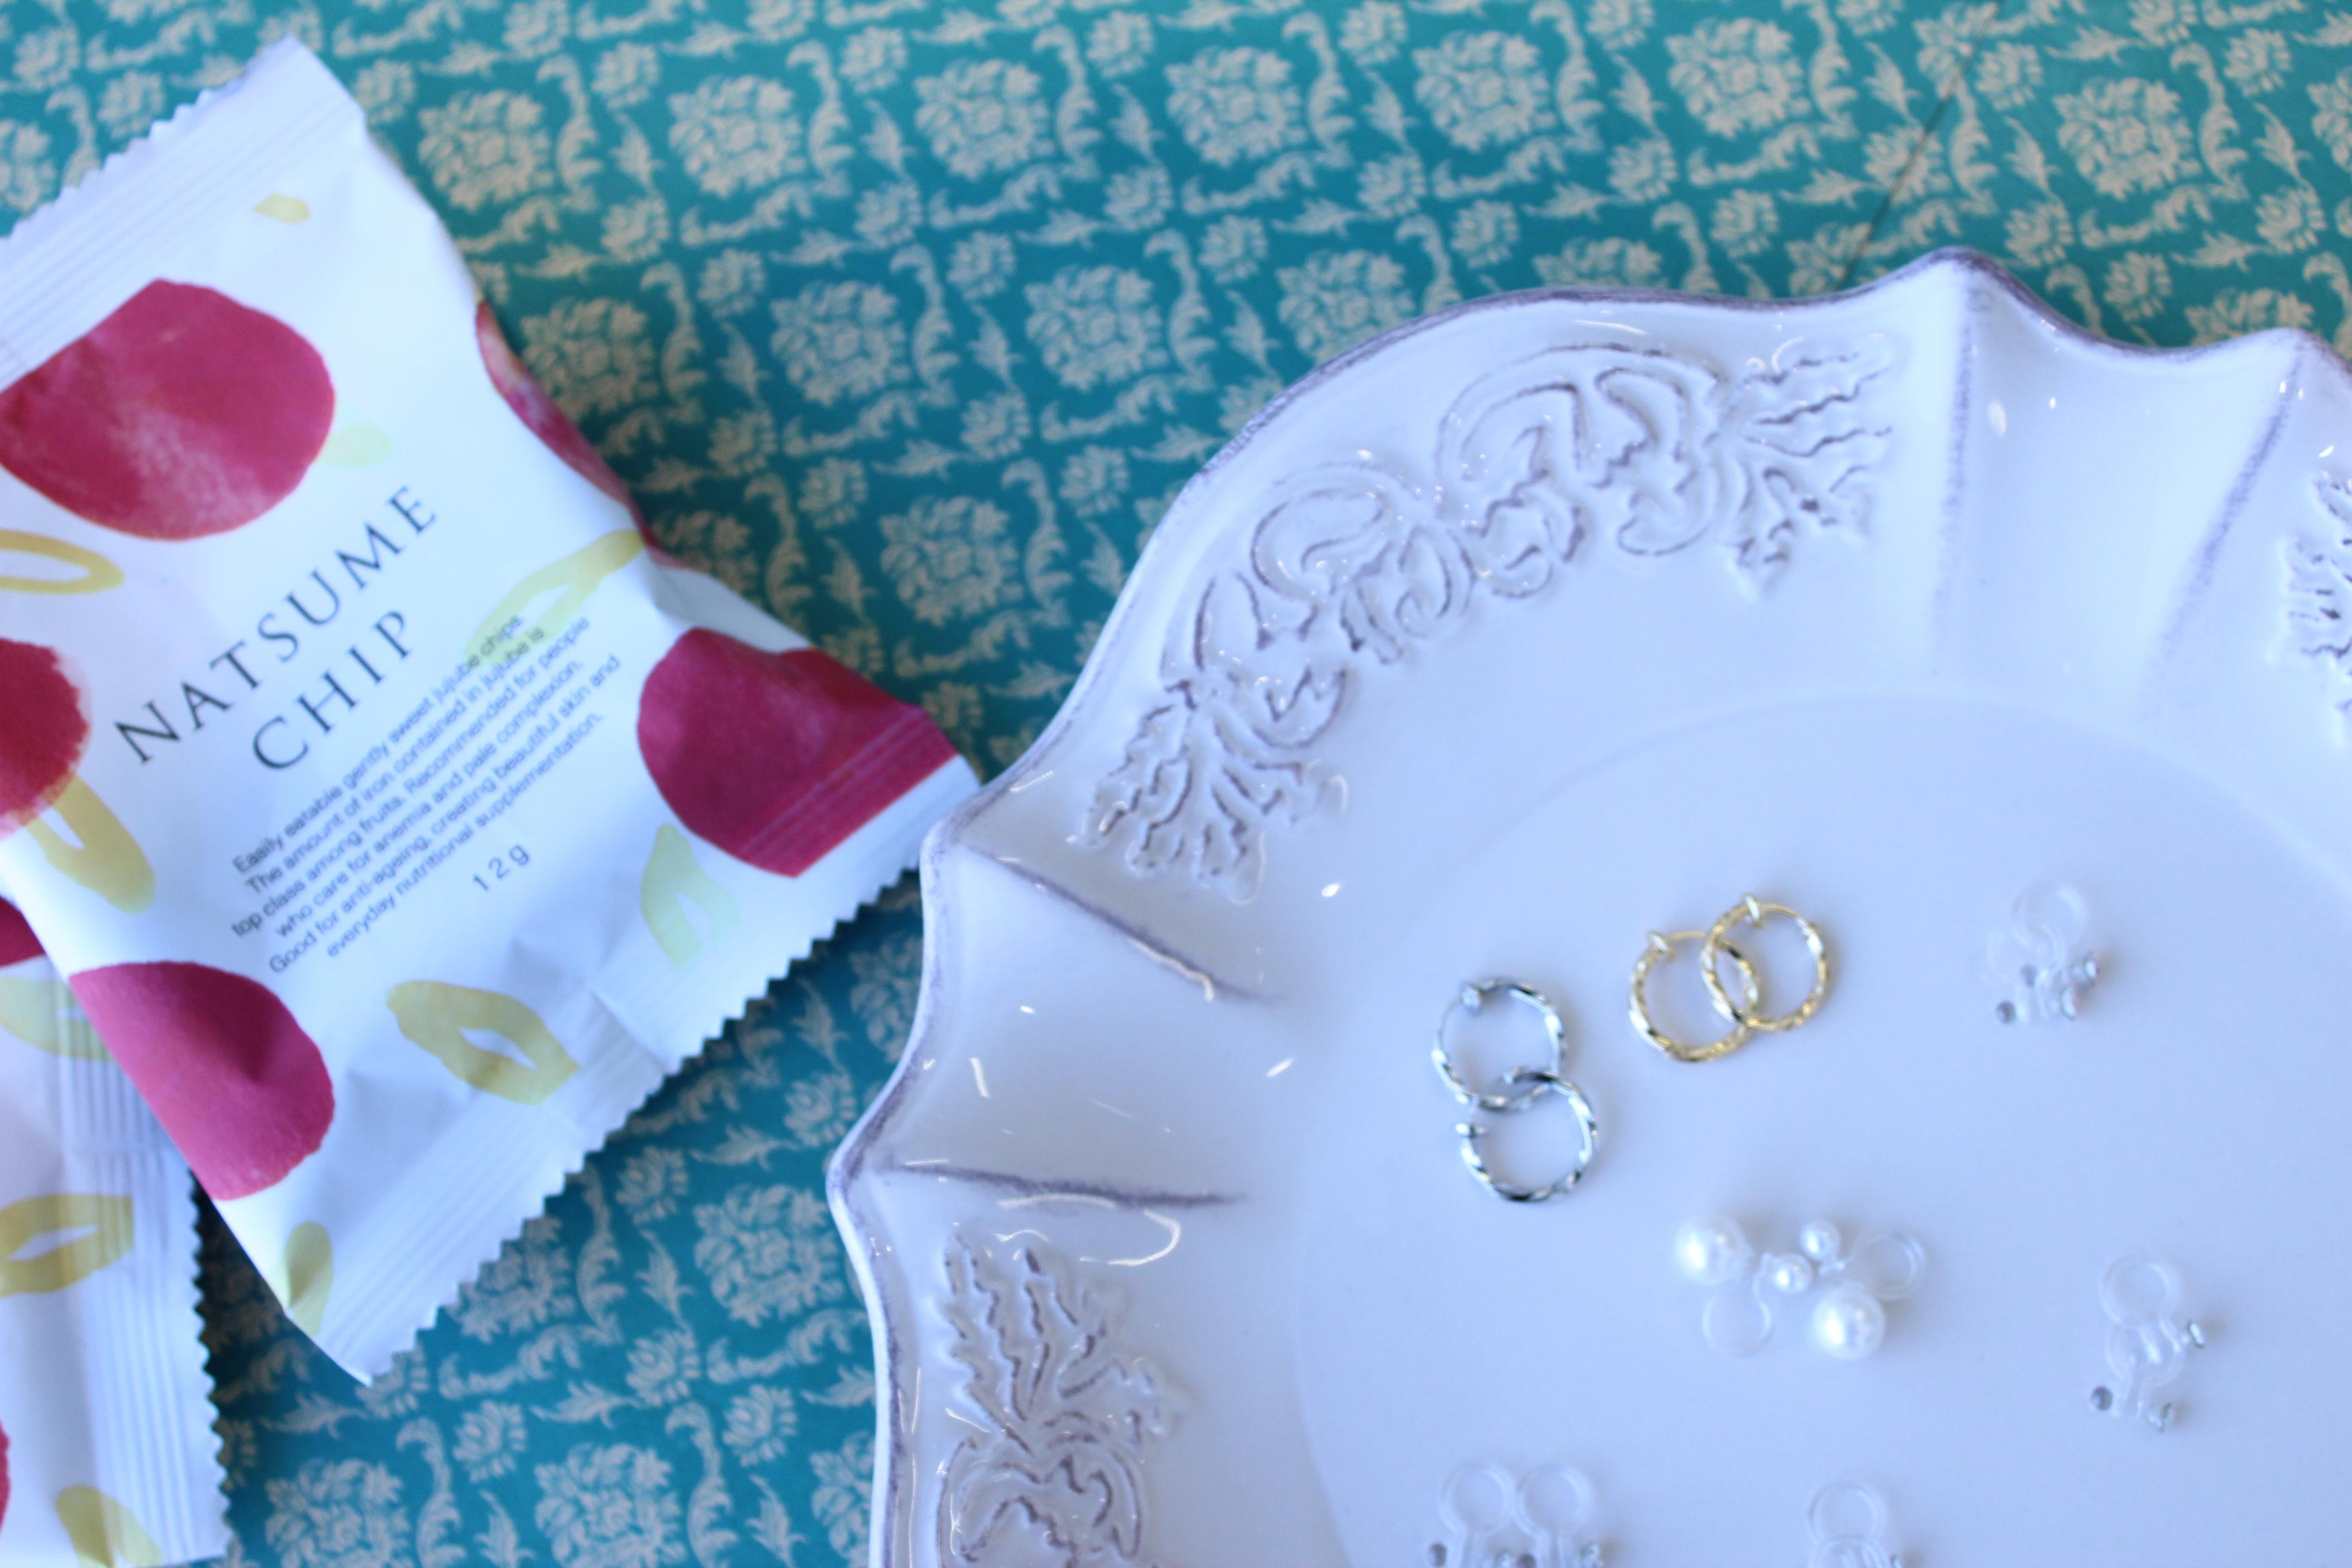 棗(なつめ、ナツメ)のなつめチップ(なつめチップス)はとっても人気。効果・効能は優れており、妊活・更年期・PMS・冷え性に良い